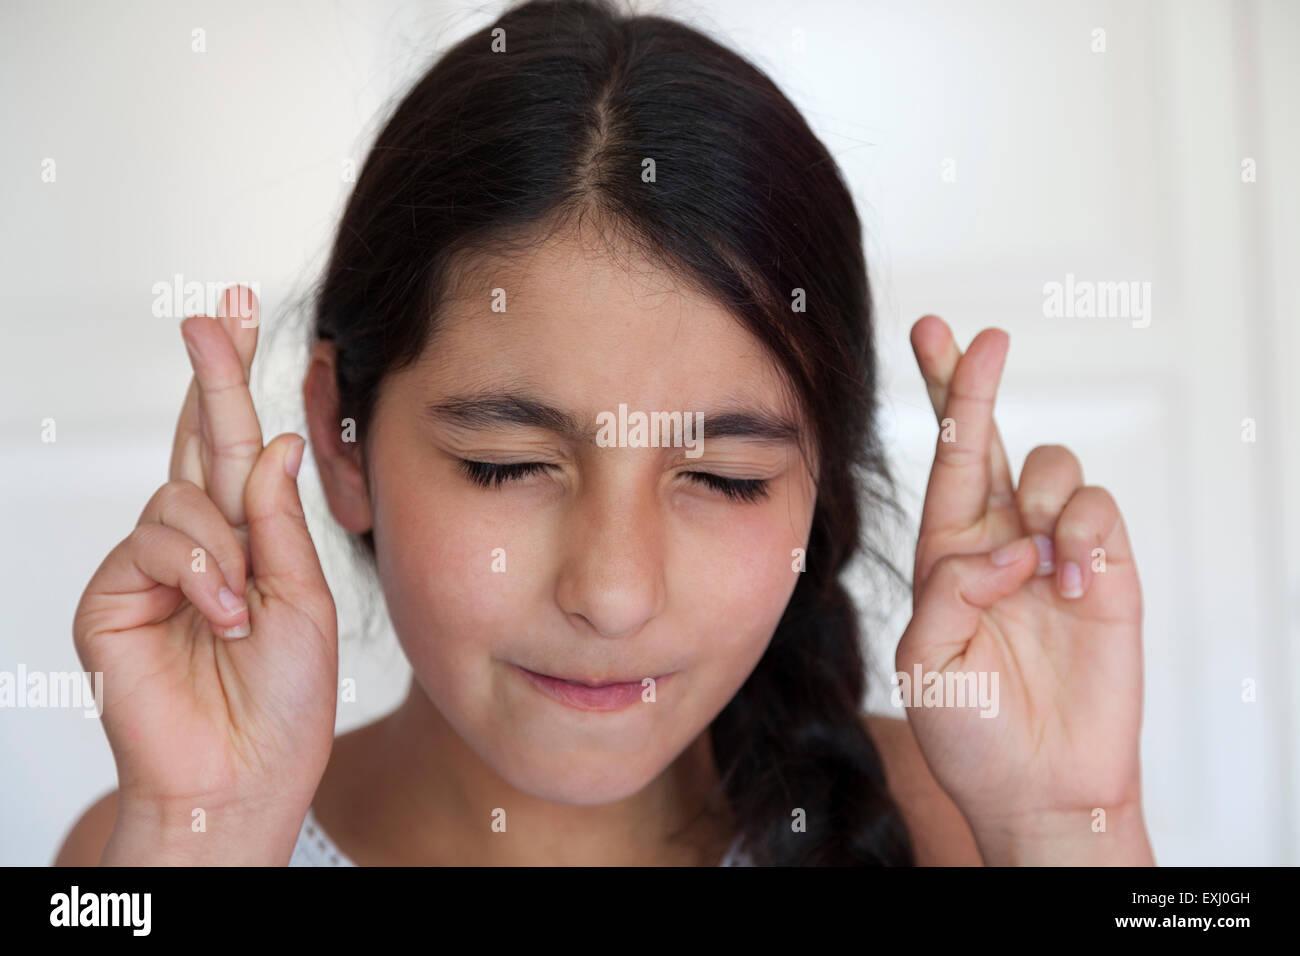 Teenager-Mädchen ihre Daumen mit geschlossenen Augen Stockbild